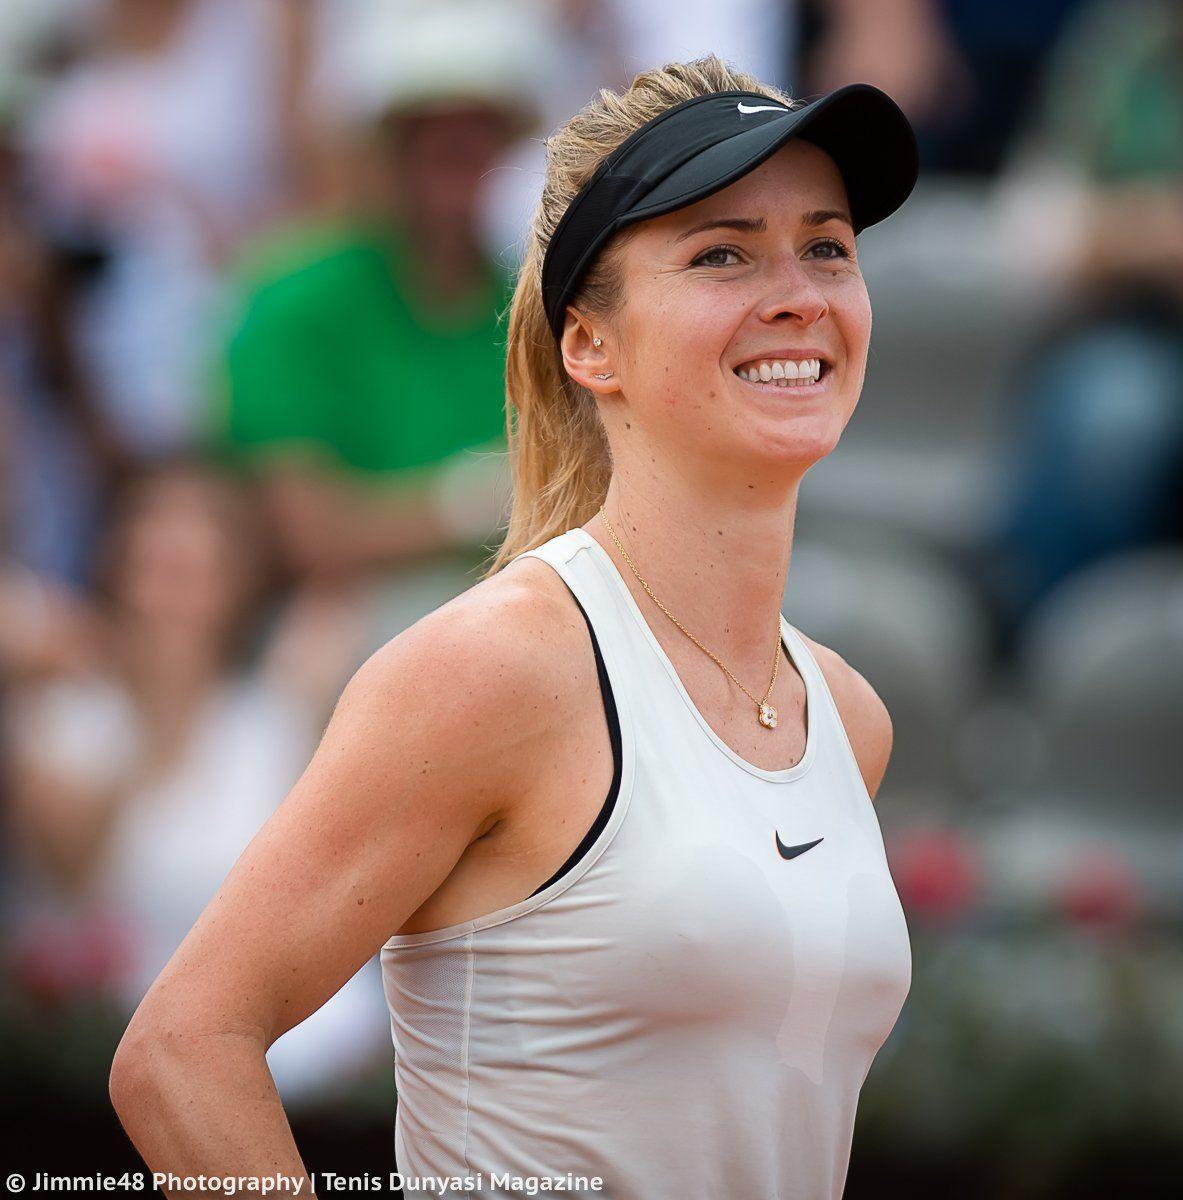 Elina Svitolina | Tennis players female, Female athletes, Sports celebrities